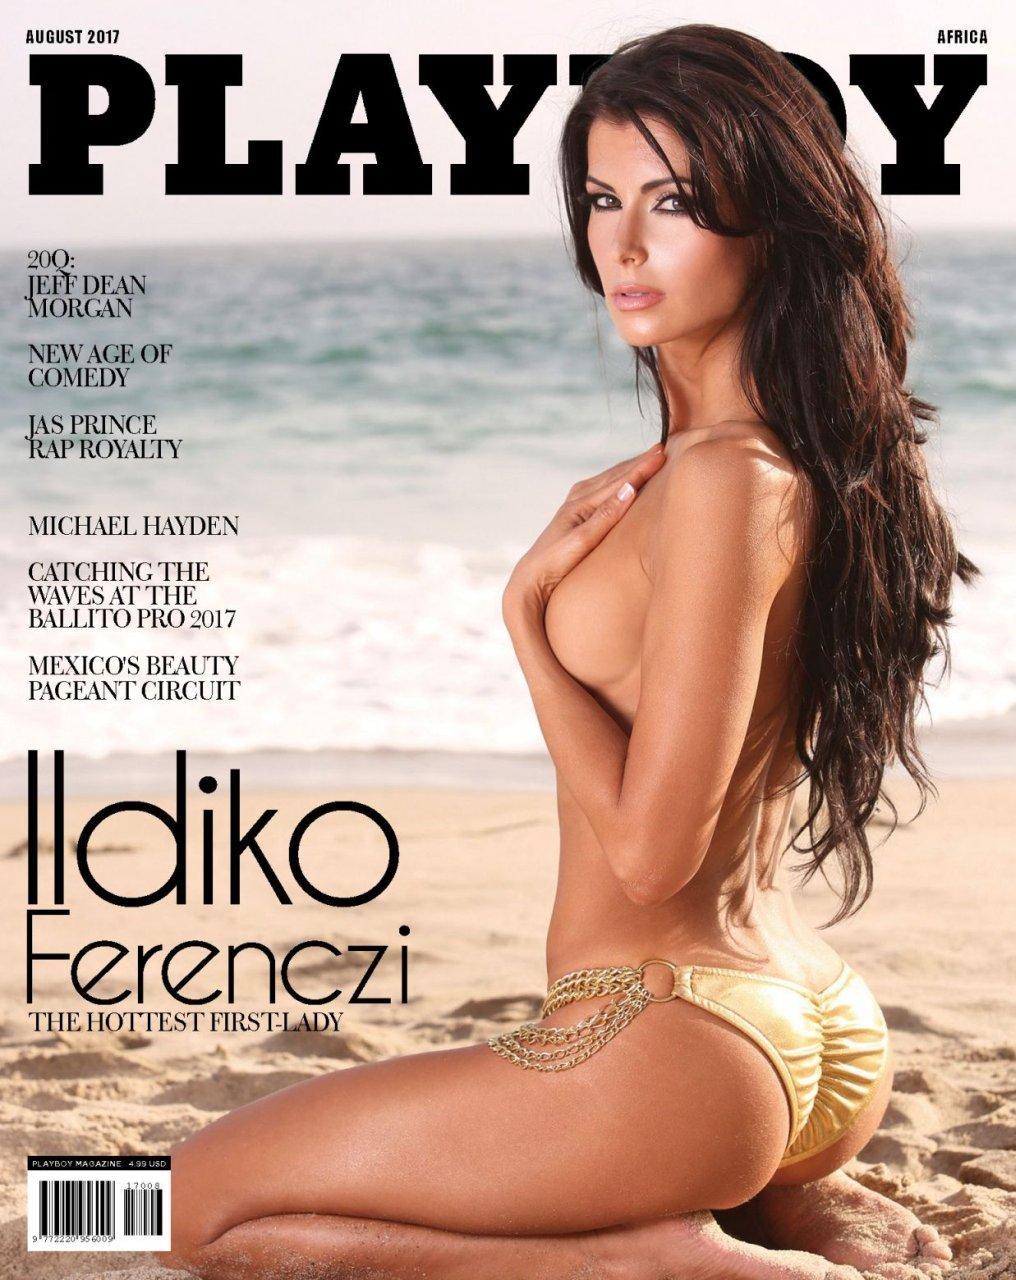 Ildiko ferenczi feet - 2019 year